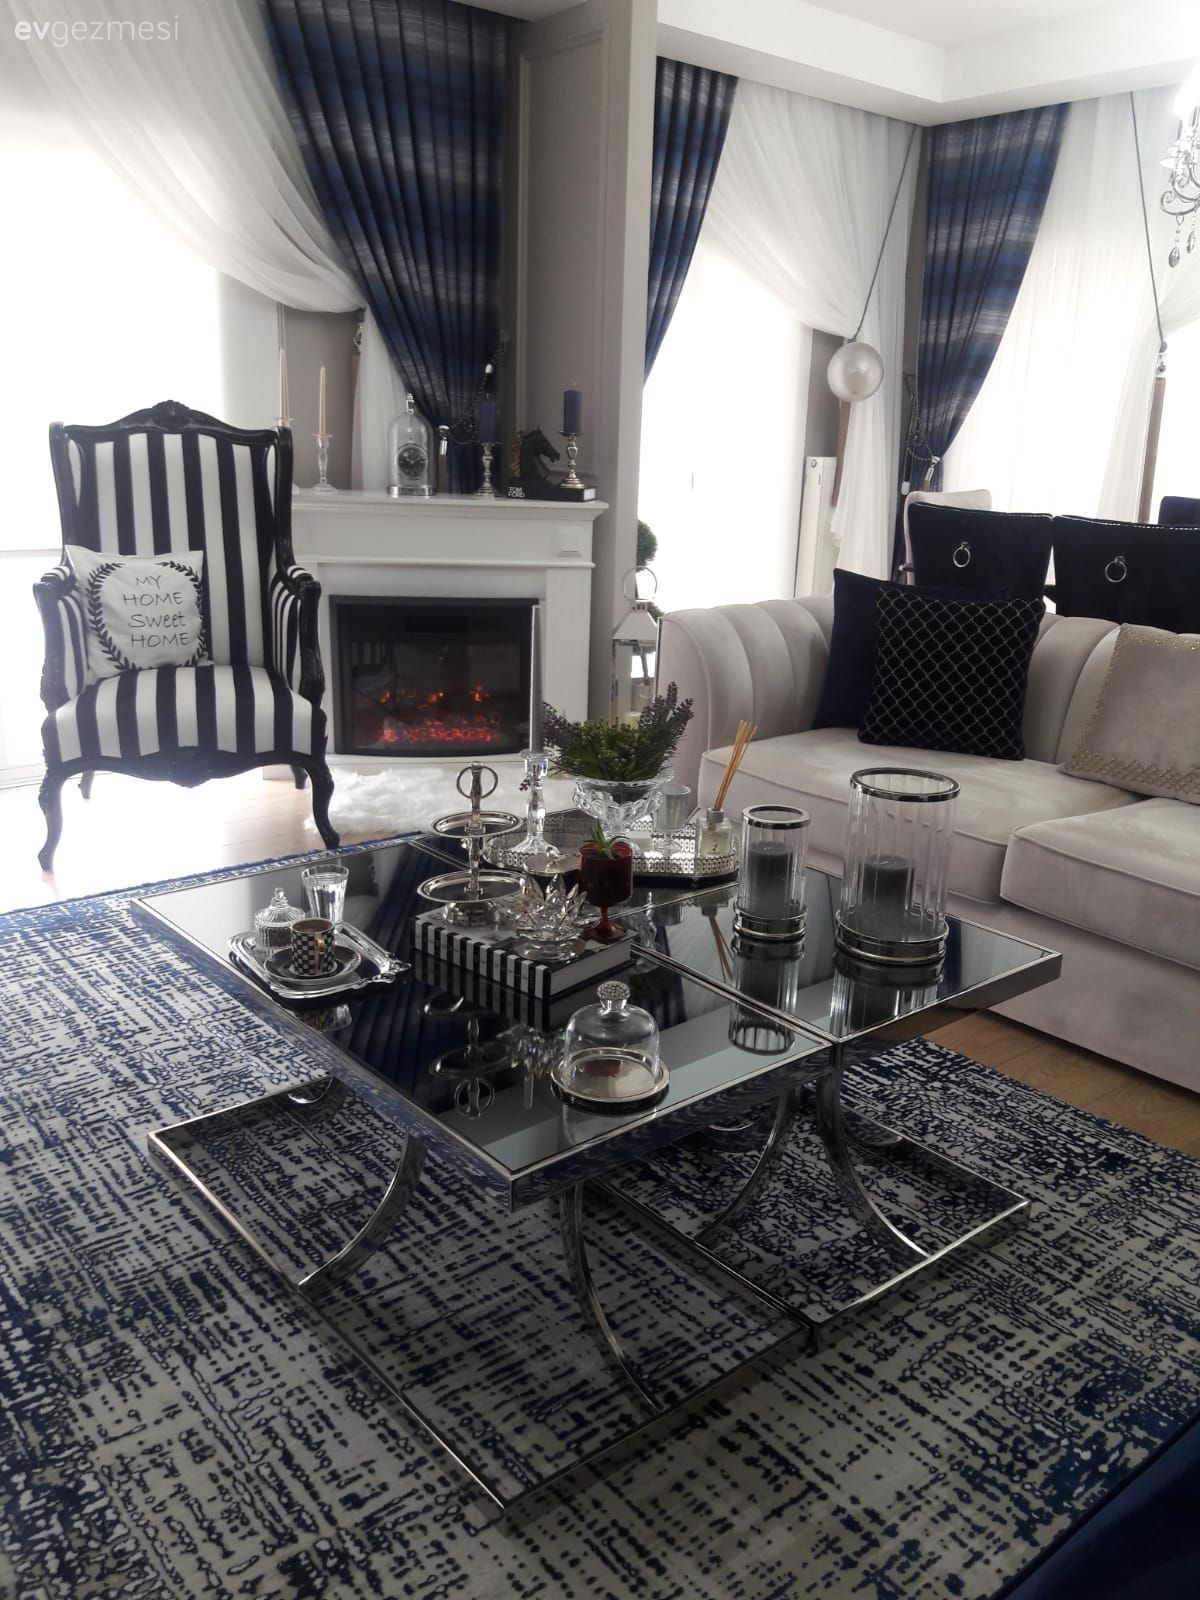 Bu Modern Luks Evde Detaycilik Hukum Suruyor Ev Gezmesi Oturma Odasi Dekorasyonu Luks Evler Oturma Odasi Takimlari